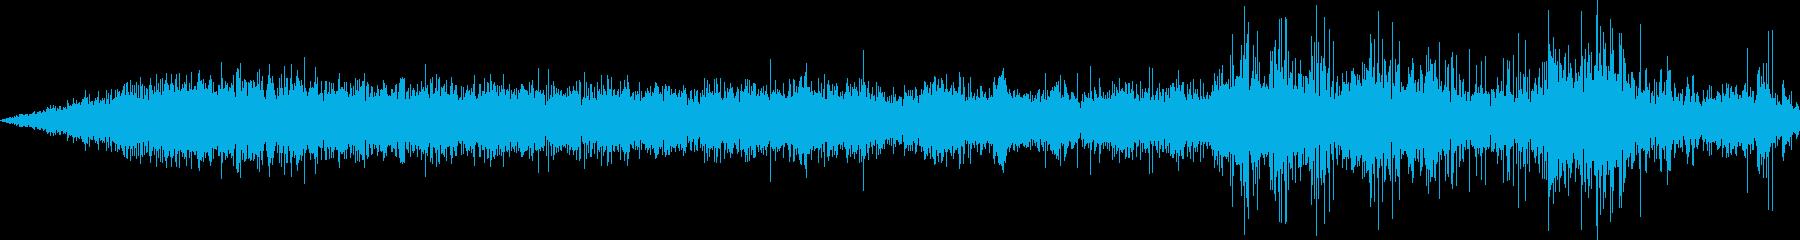 未知のエンティティ:ヴィンテージの...の再生済みの波形